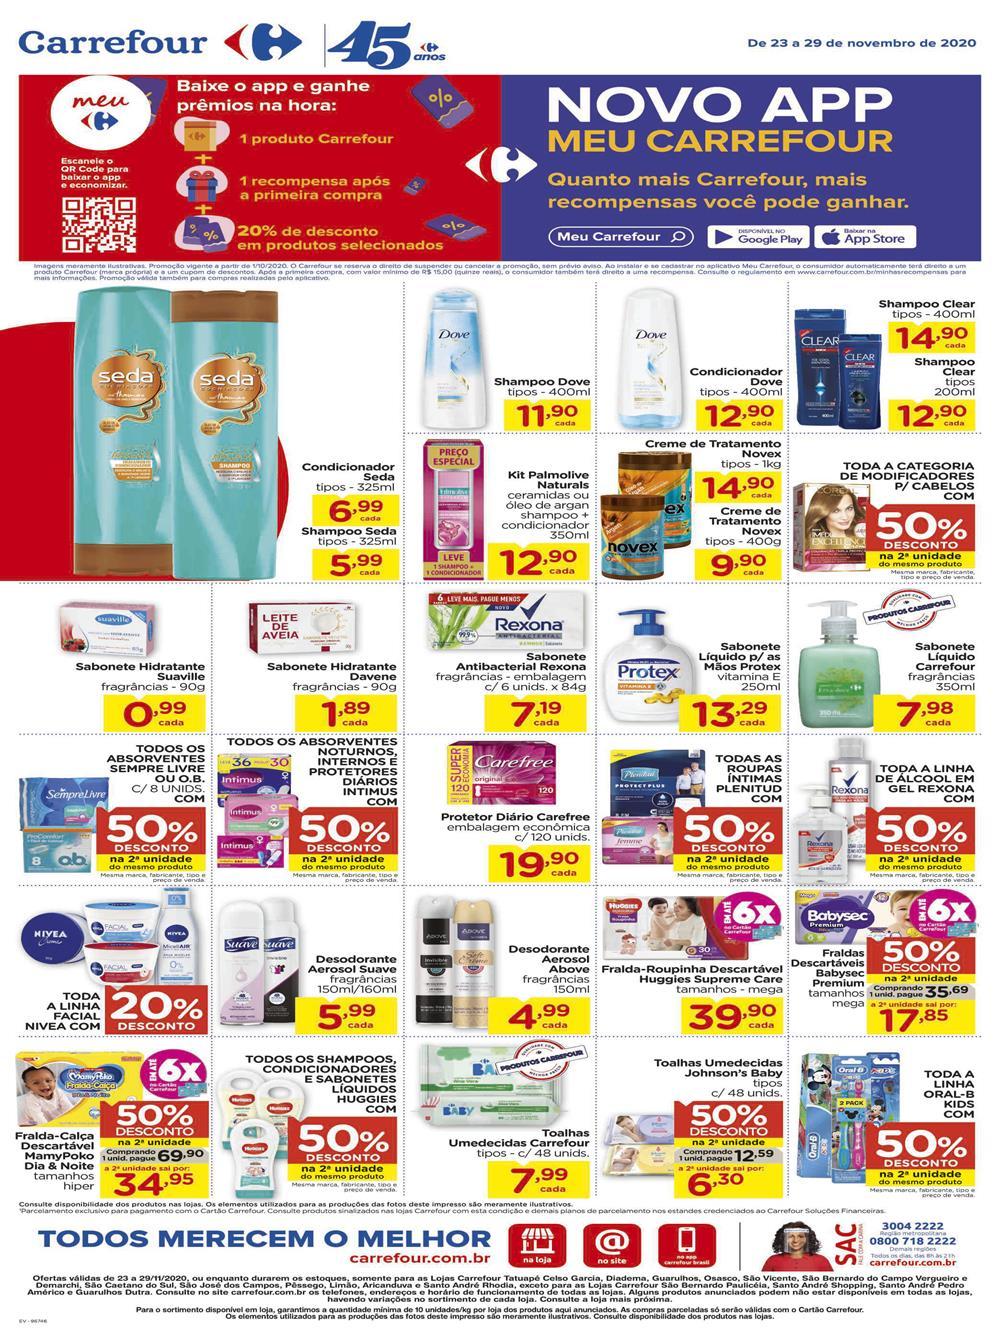 carrefour-ofertas-descontos-hoje10-5 Carrefour até 29/11